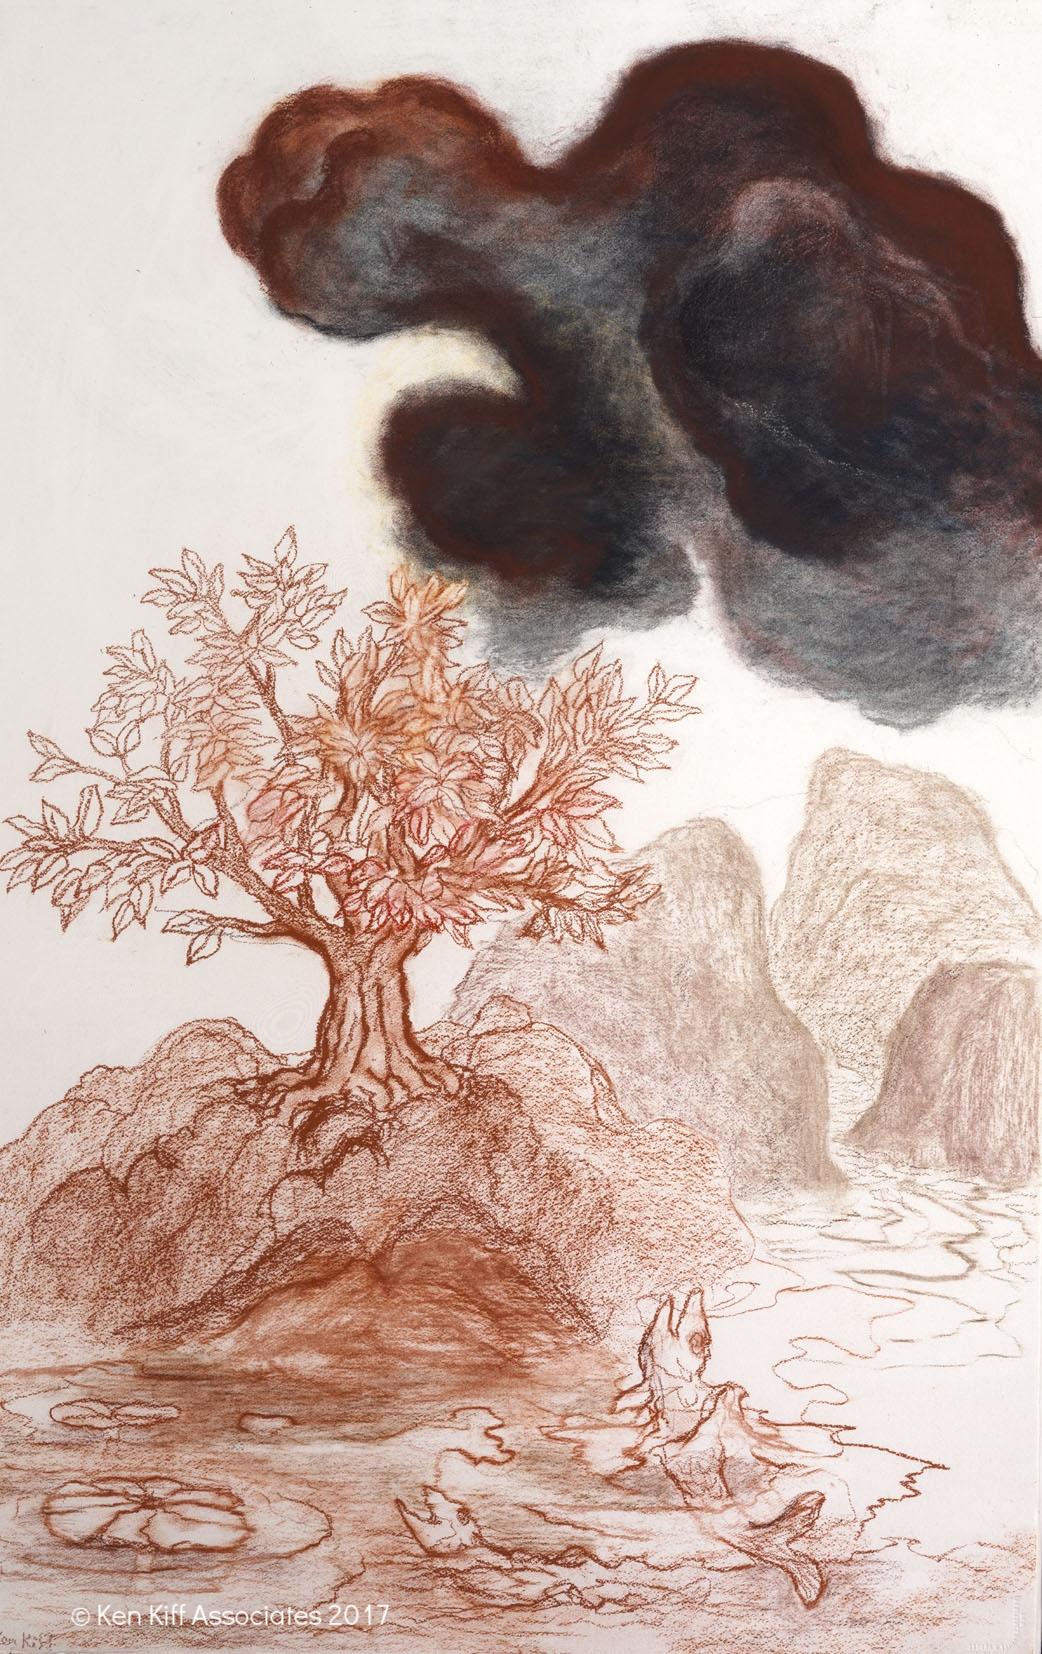 Ken Kiff - Fish, Tree and Dark Cloud